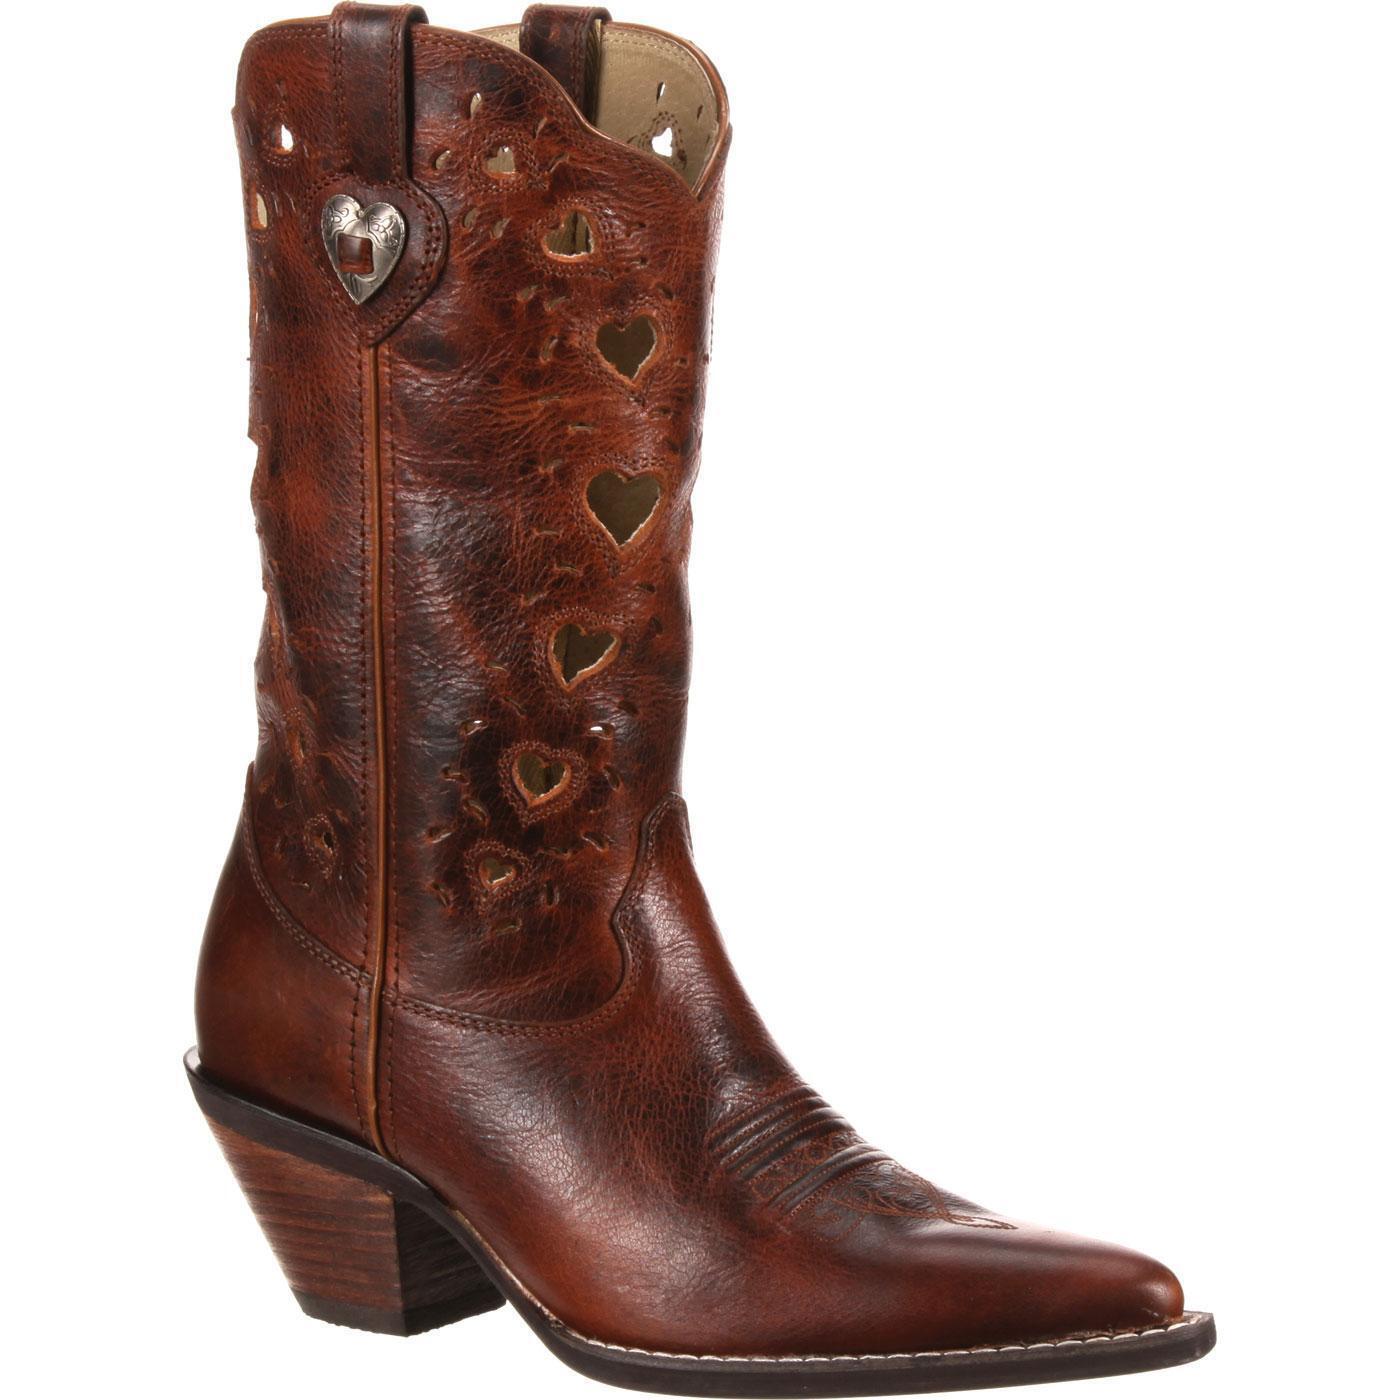 Sconto del 70% a buon mercato Crush by Durango Donna  Heartfelt Western Western Western Boost, Saddle Marrone  molto popolare